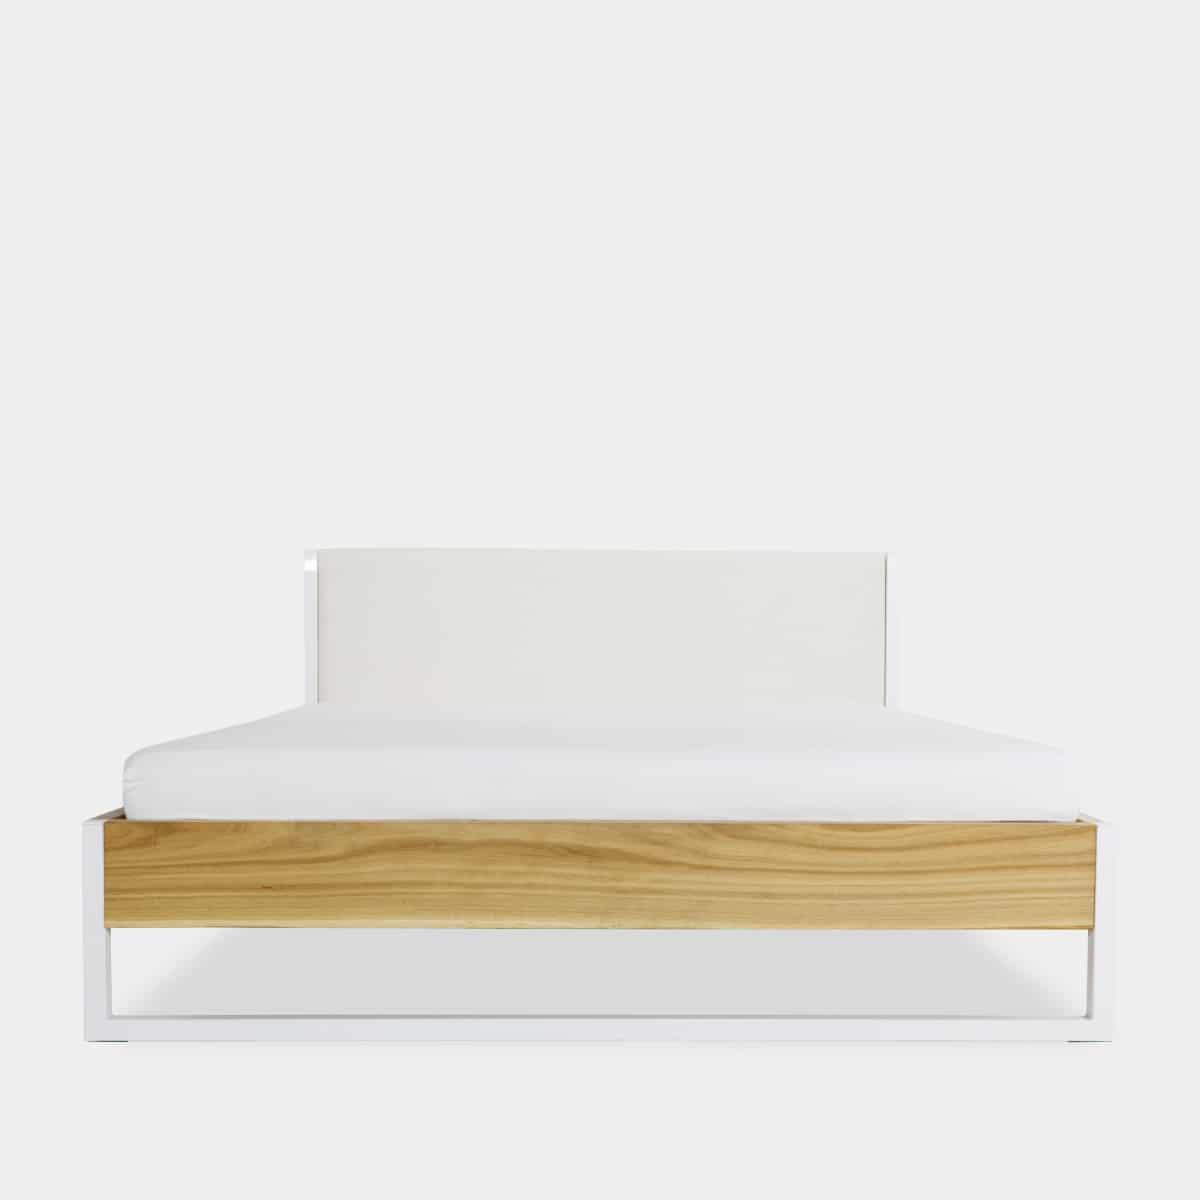 Massivholz Bett mit Stahl und Baumwollrückwand